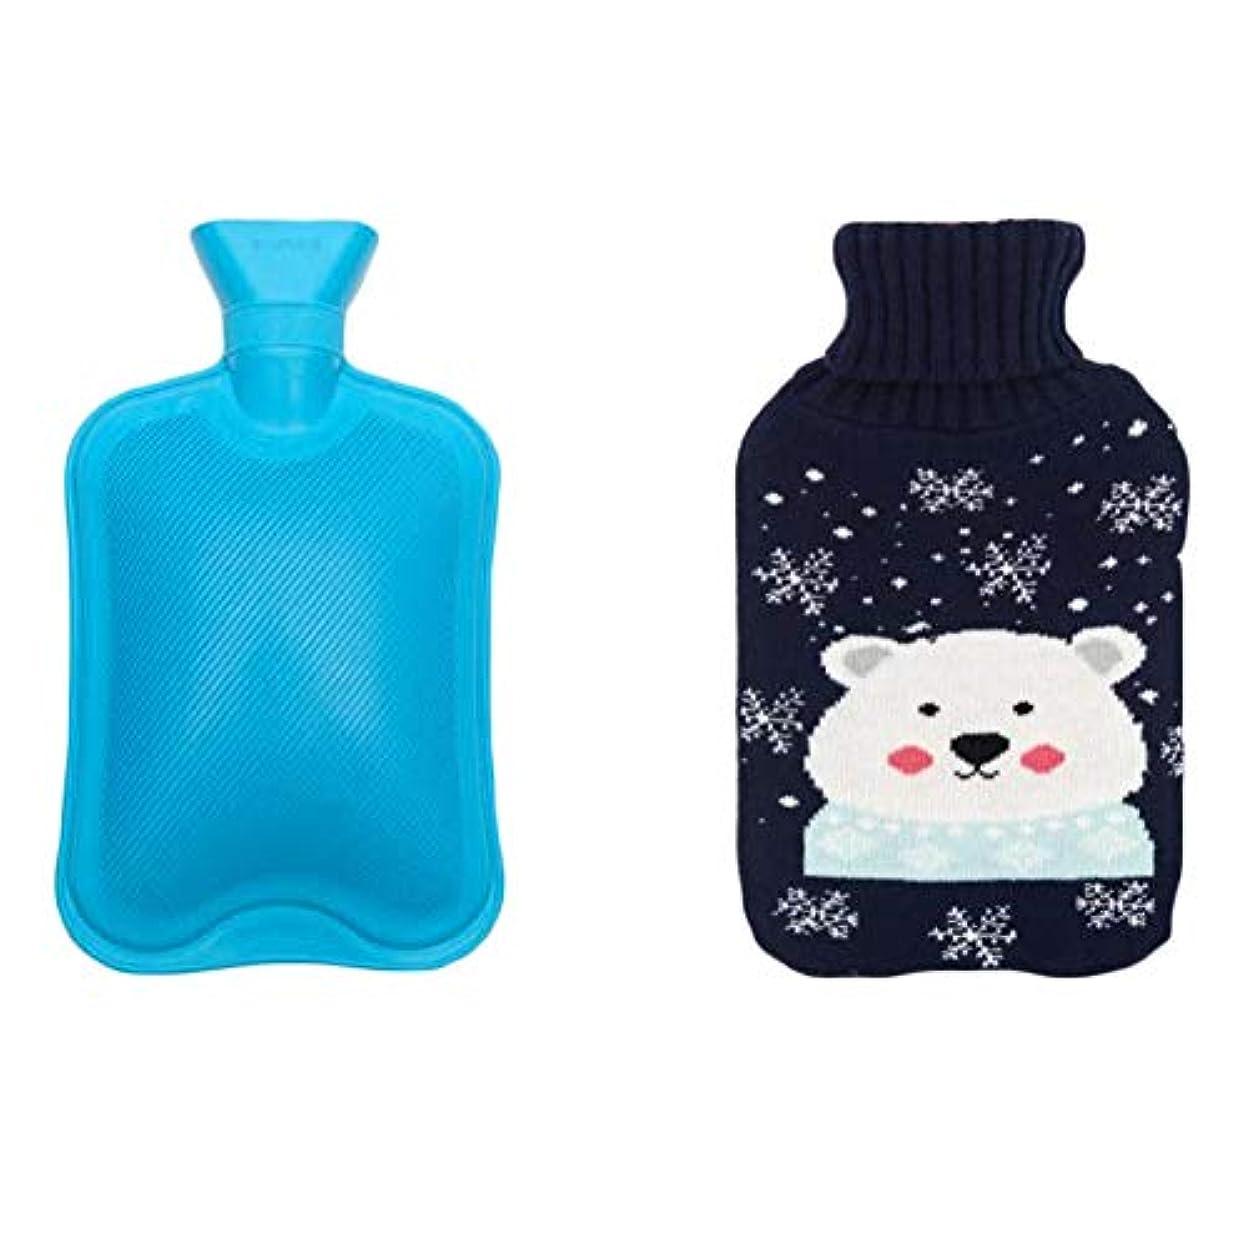 思いやりのある知覚する規制1リットルの温水ボトルラブリークマのデザイン